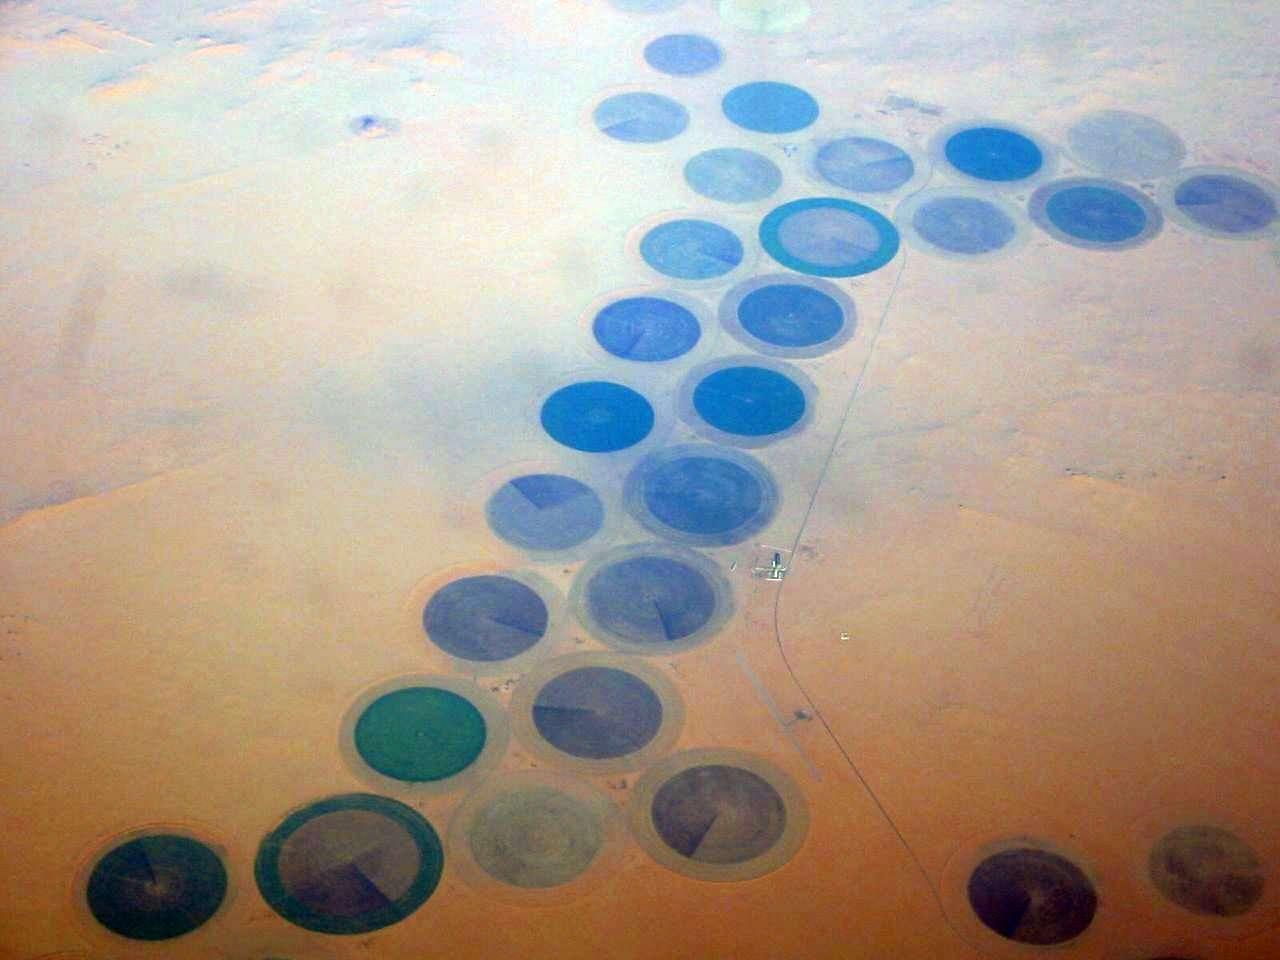 Les cultures réalisées dans le désert (ici en Lybie) ont une forme ronde particulière. Elle est liée à l'utilisation du matériel d'irrigation qui tourne en rond autour d'un axe central. © futureatlas.com, Flickr, CC by 2.0